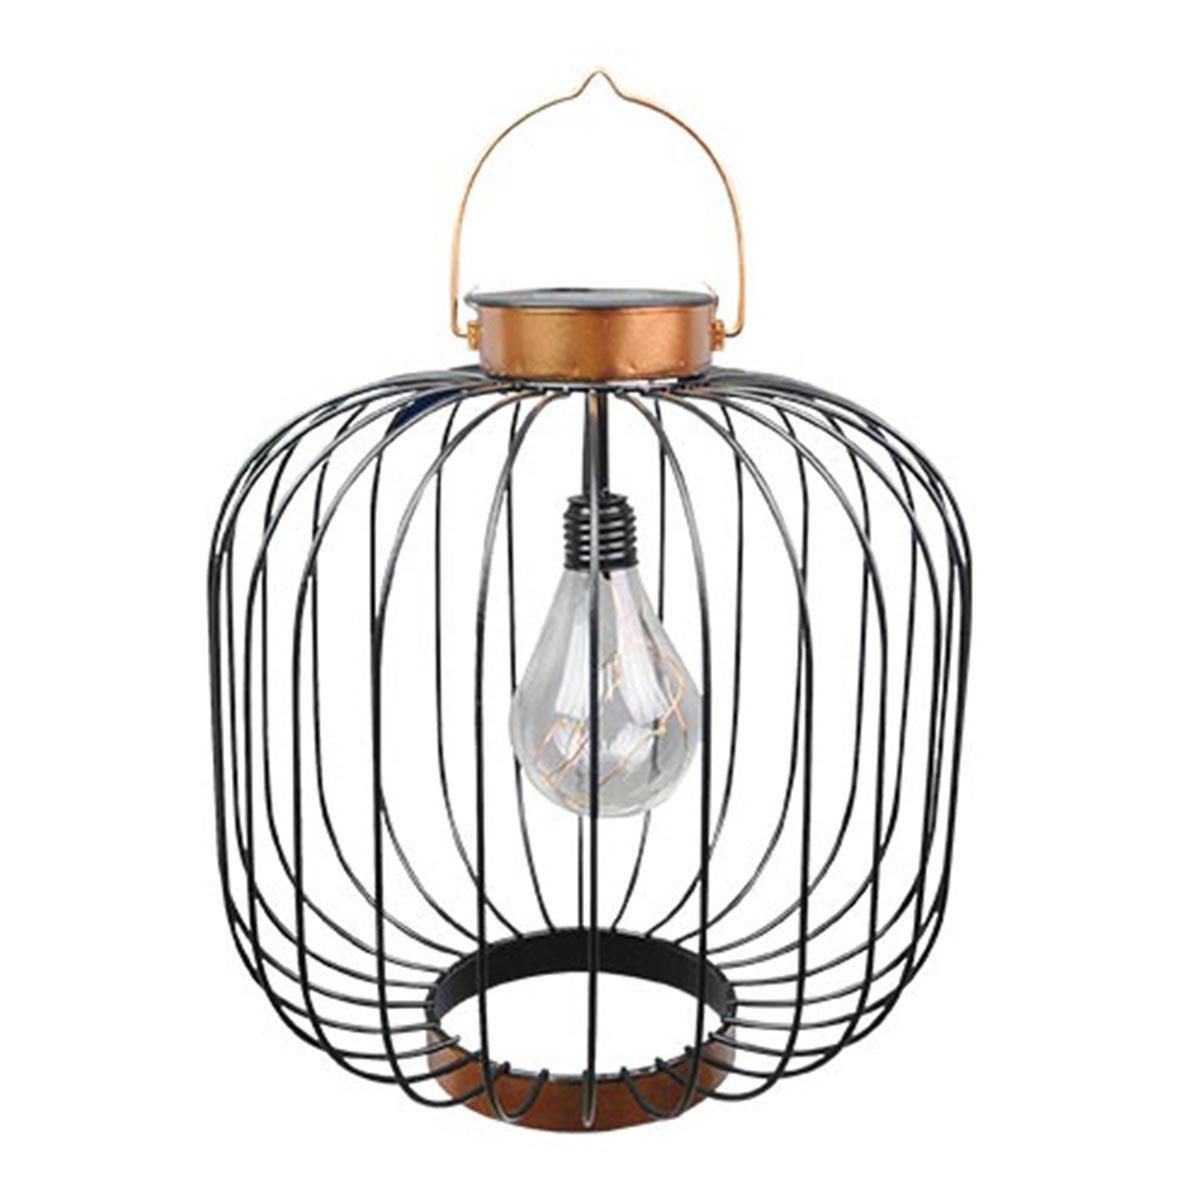 COCO-Lanterne solaire cage métallique acier noir H35cm